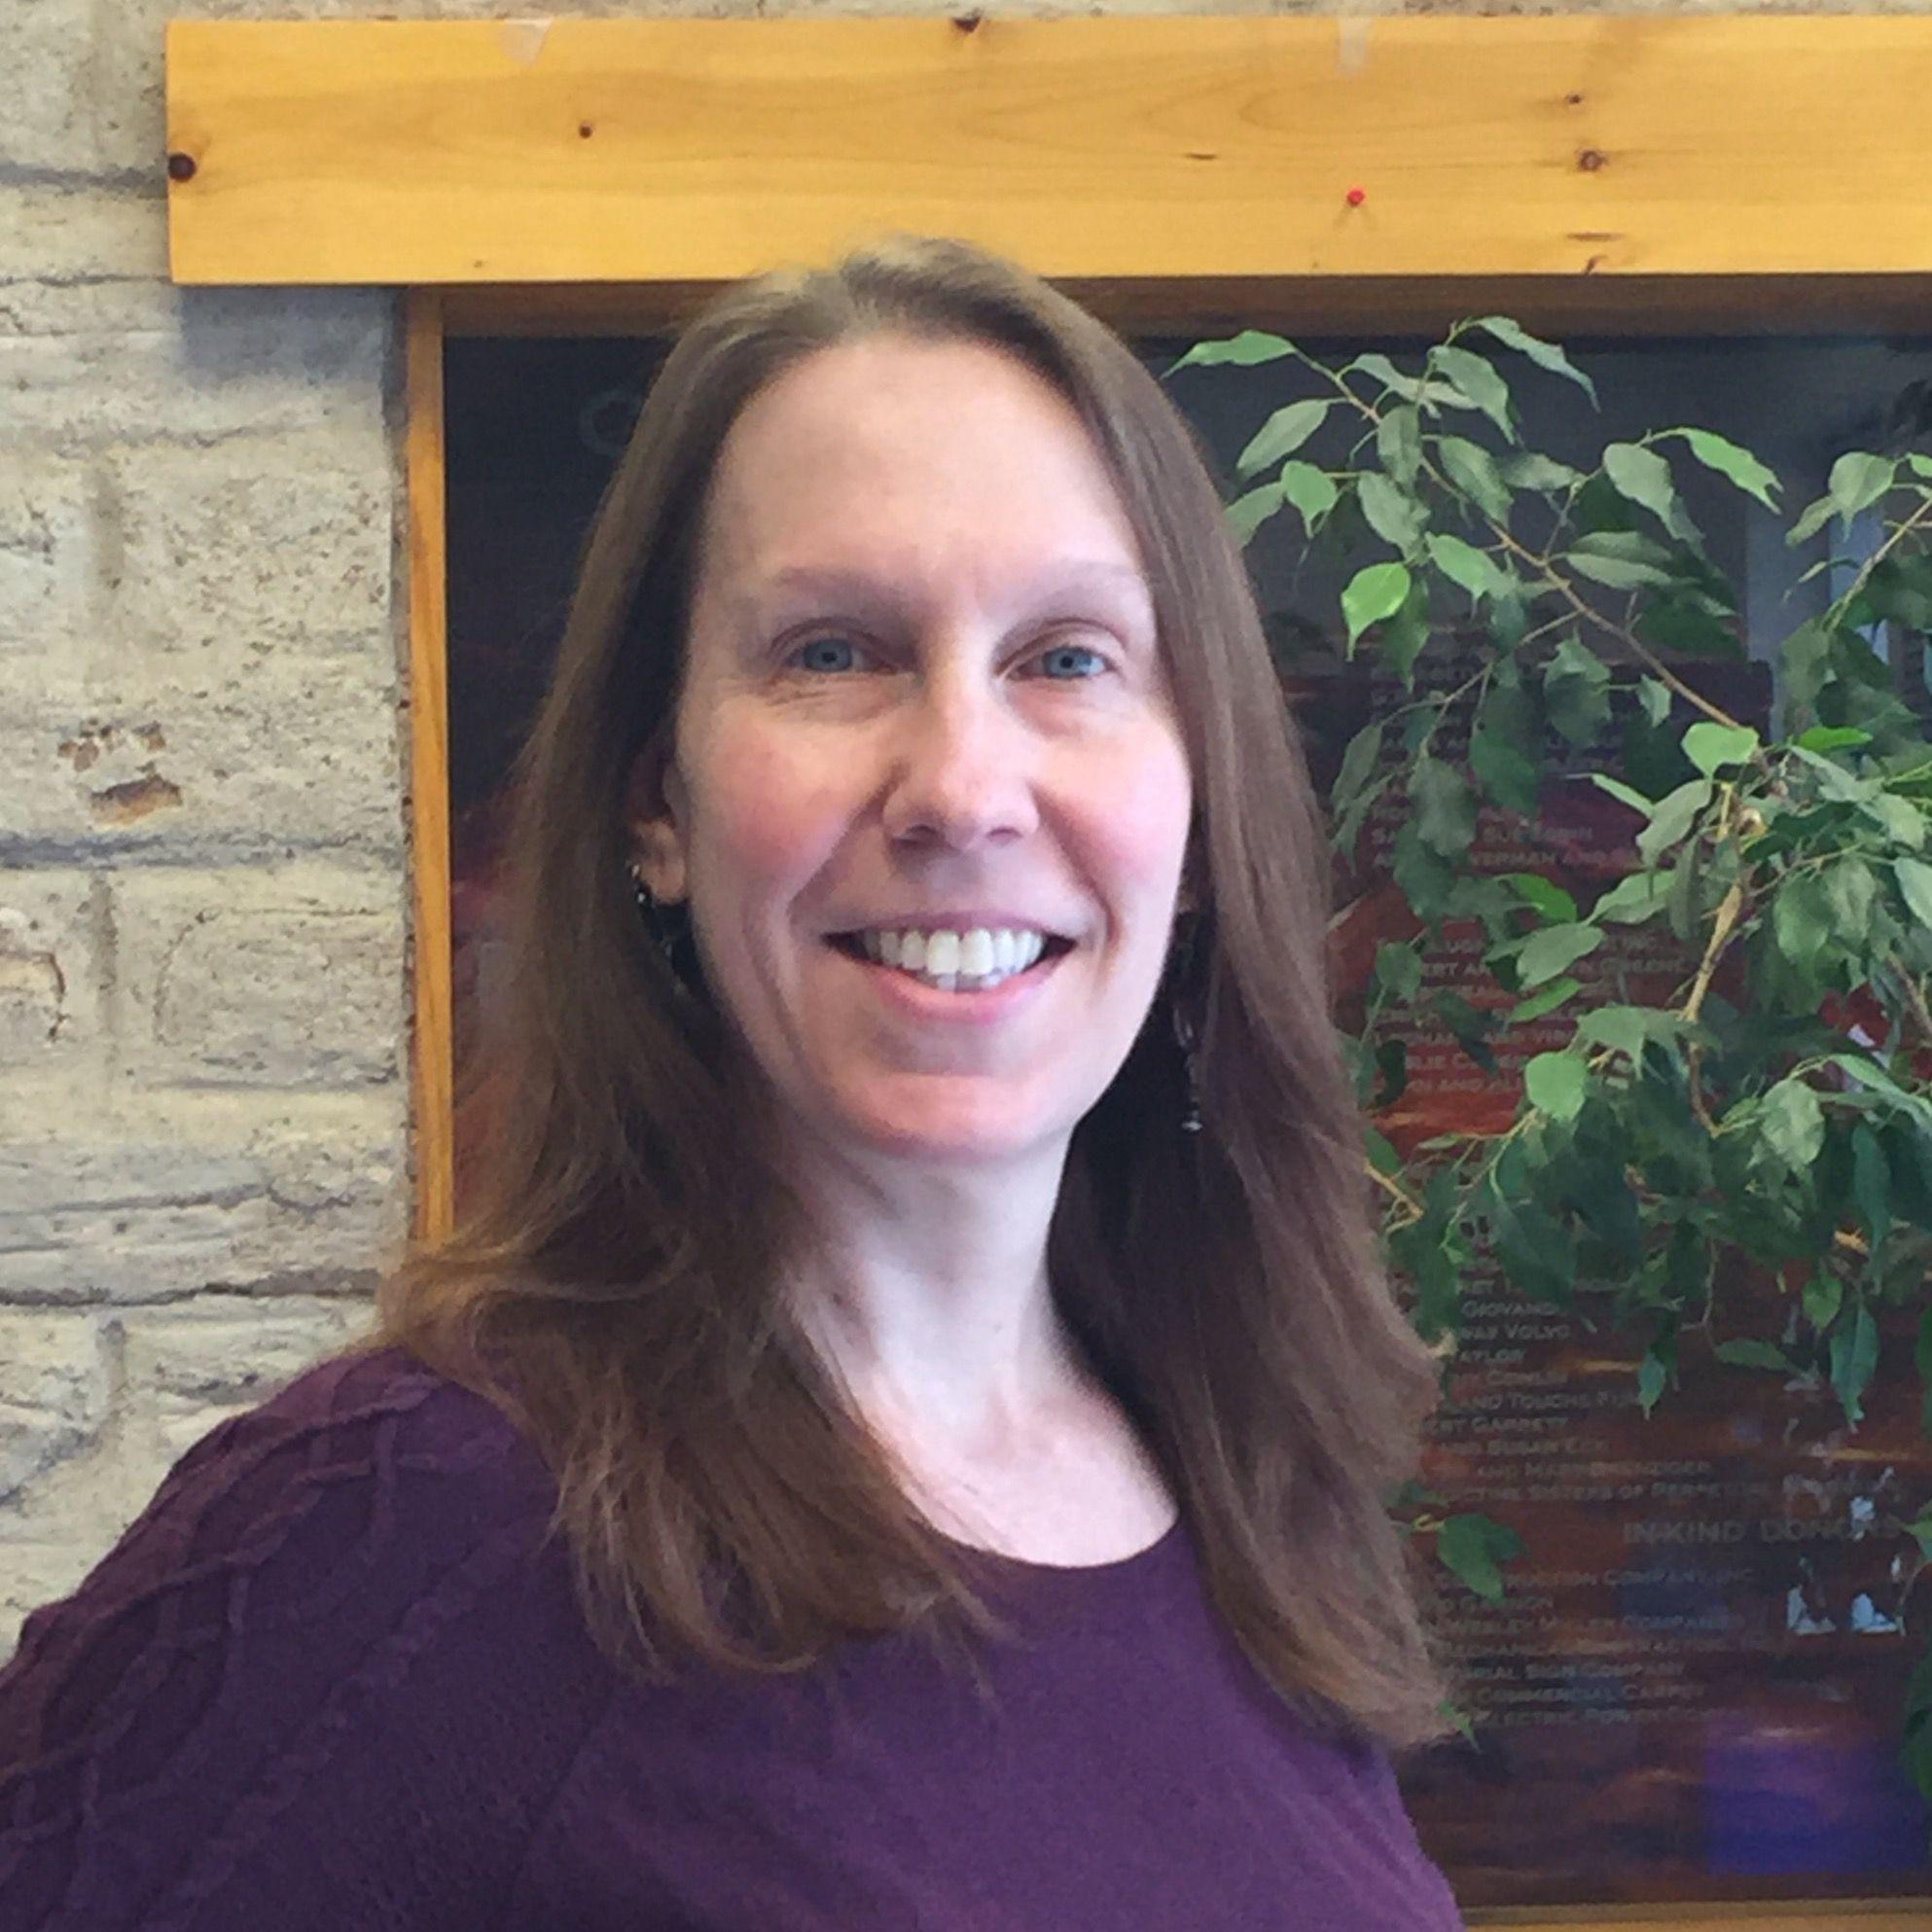 FOR IMMEDIATE RELEASE - Primavera Works Director Named Social Enterprise Fellow